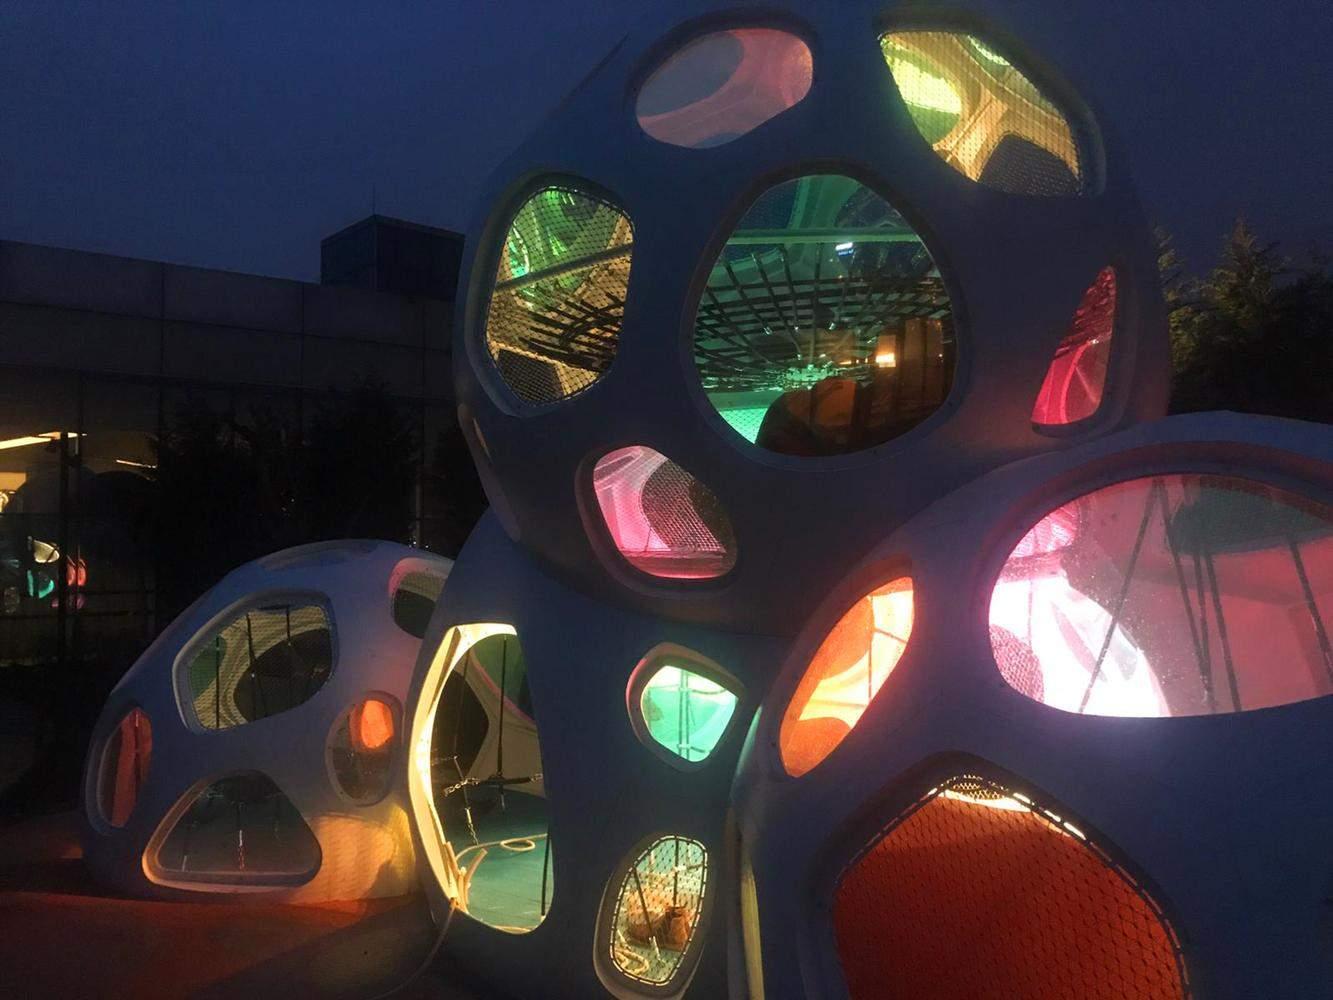 Вечірнє освітлення забезпечує красу та безпеку / Фото Фото: Archdaily.com